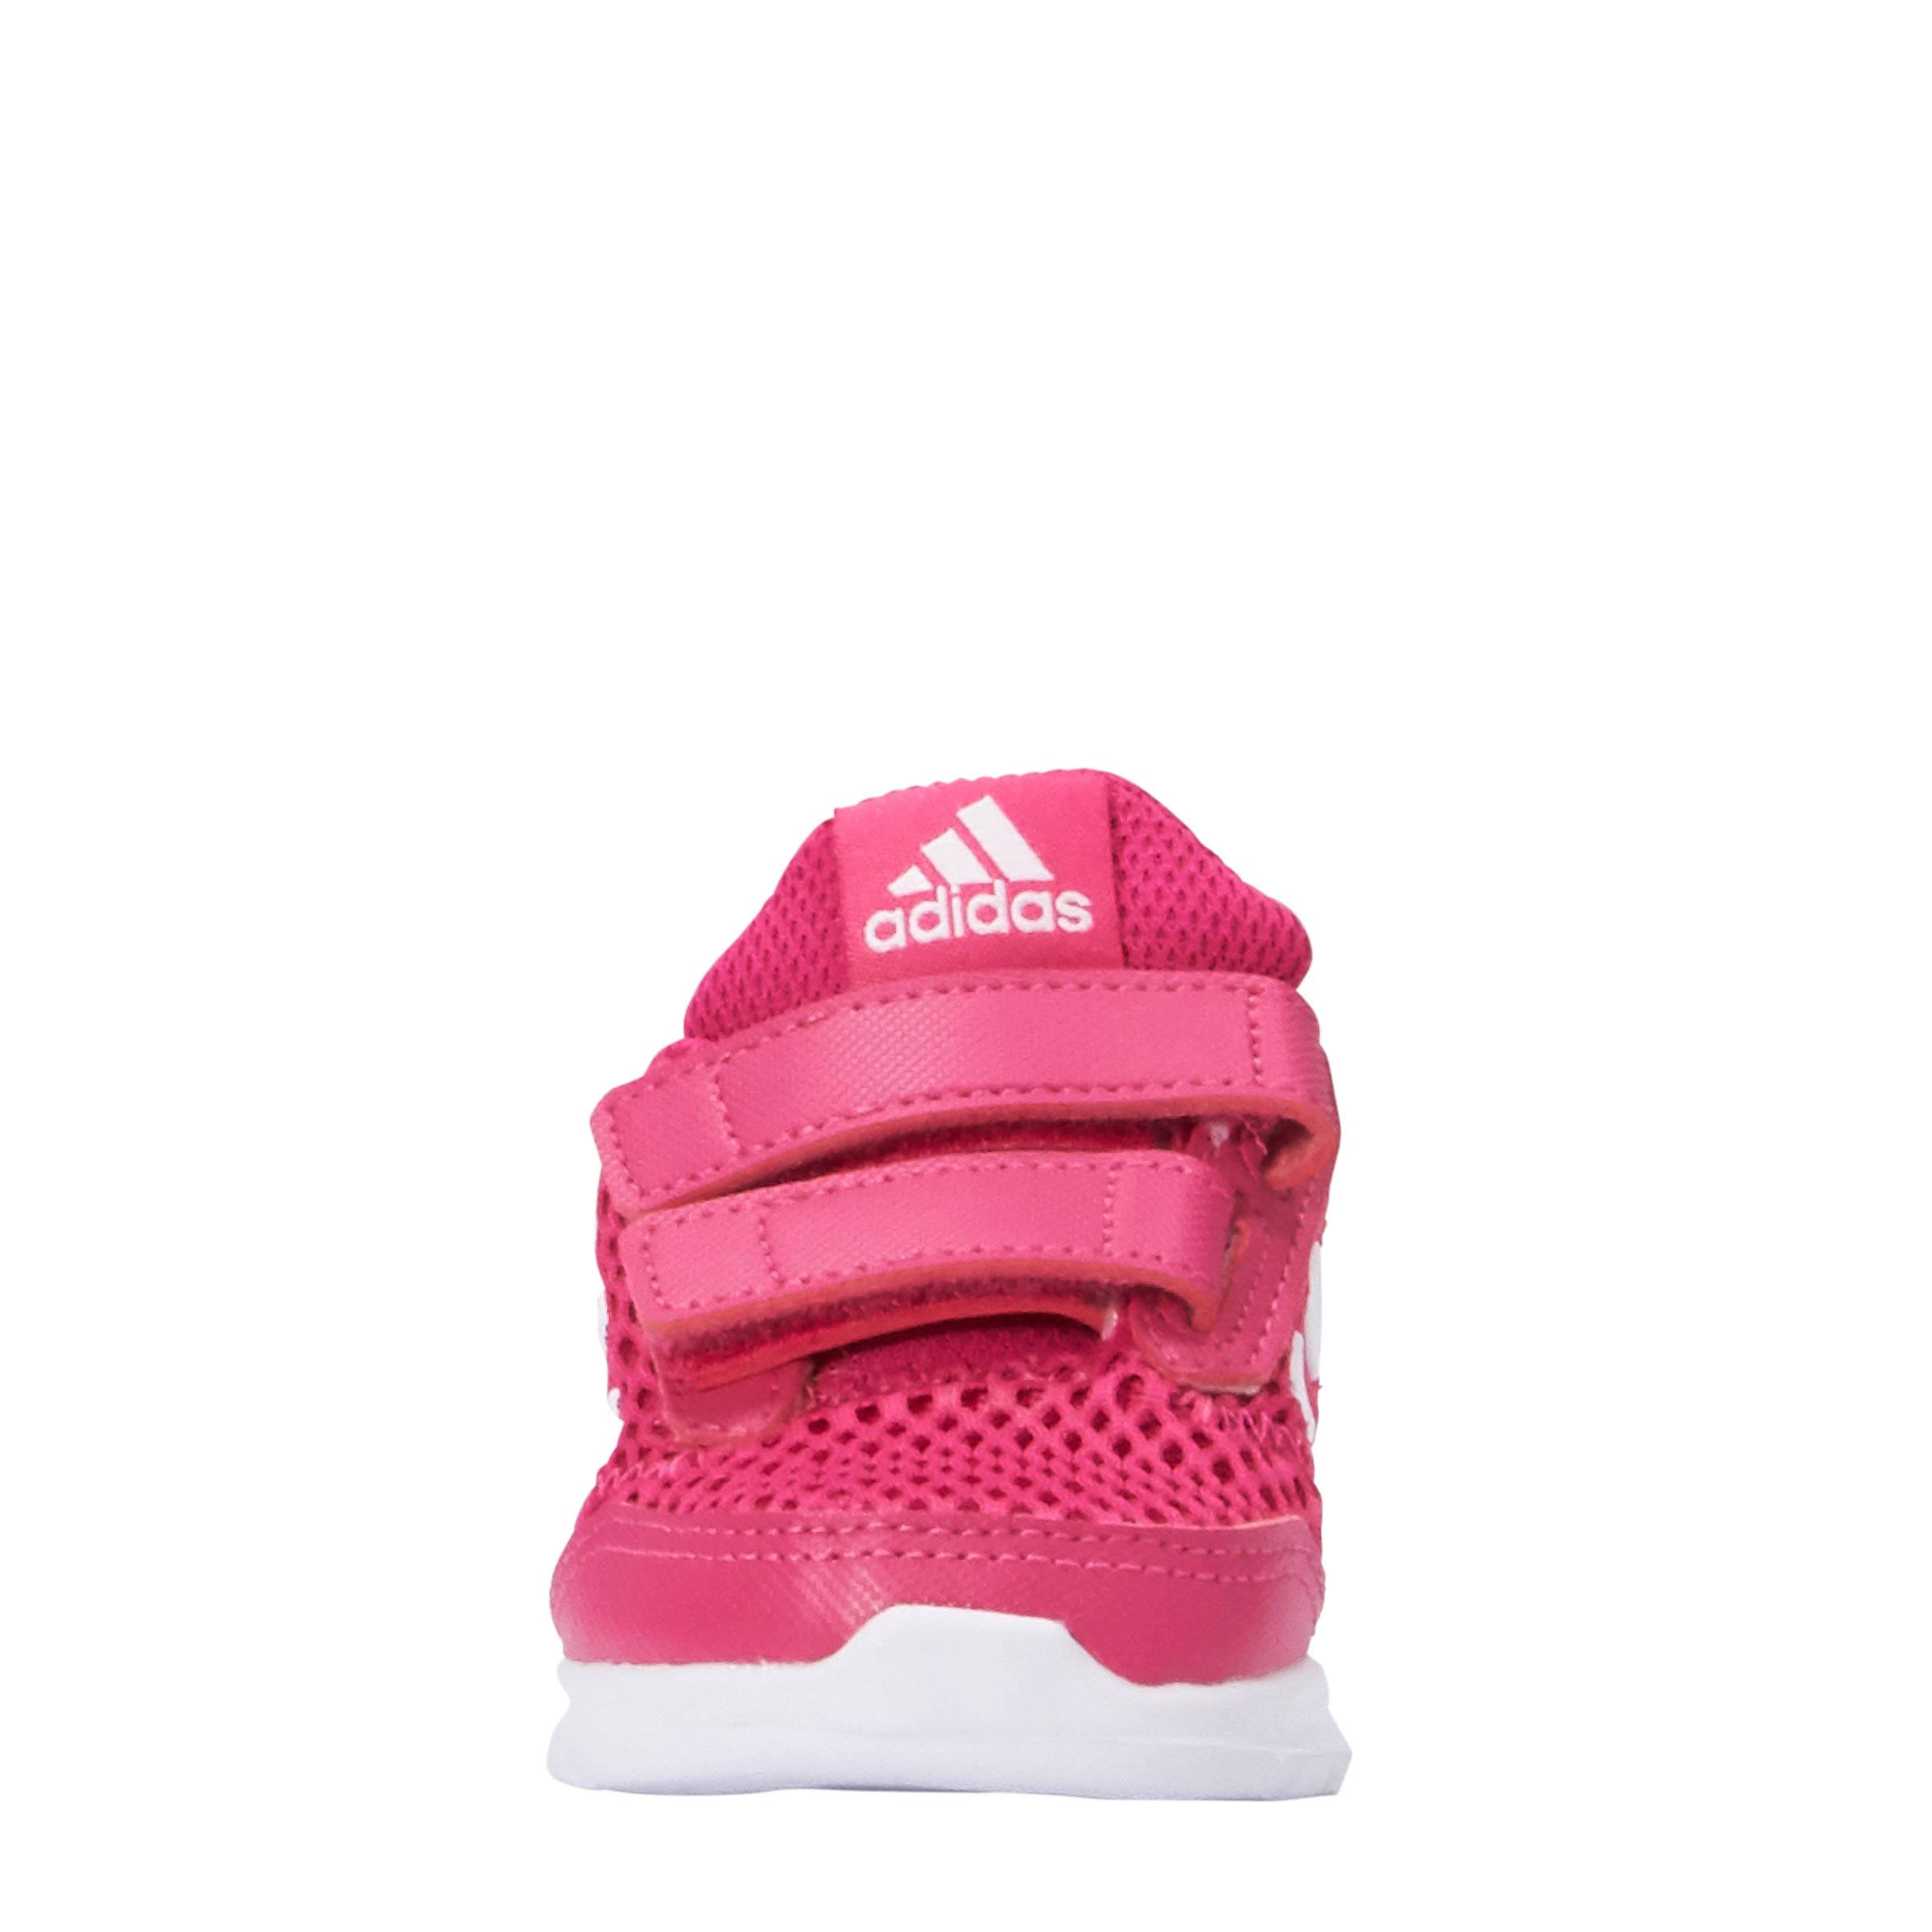 Adidas Performance AltaRun CF K sportschoenen rozewit